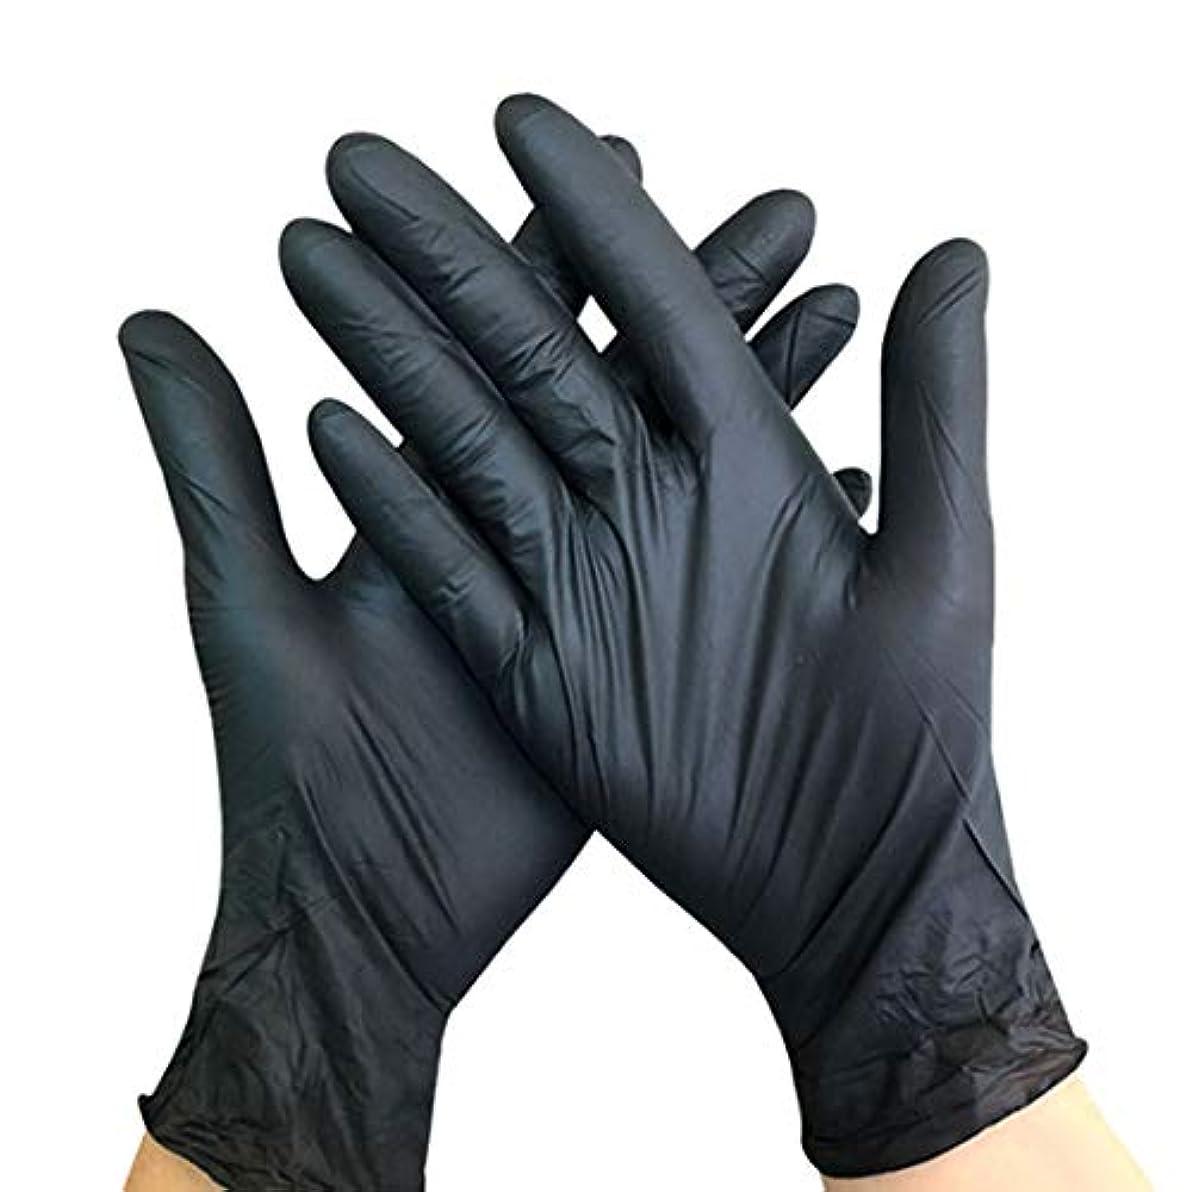 体前進成長するYuena Care 使い捨て手袋 100枚入 ニトリルグローブ 粉なし 作業手袋 耐油 料理 掃除 衛生 工業用 医療用 美容用 レストラン用 左右兼用 S